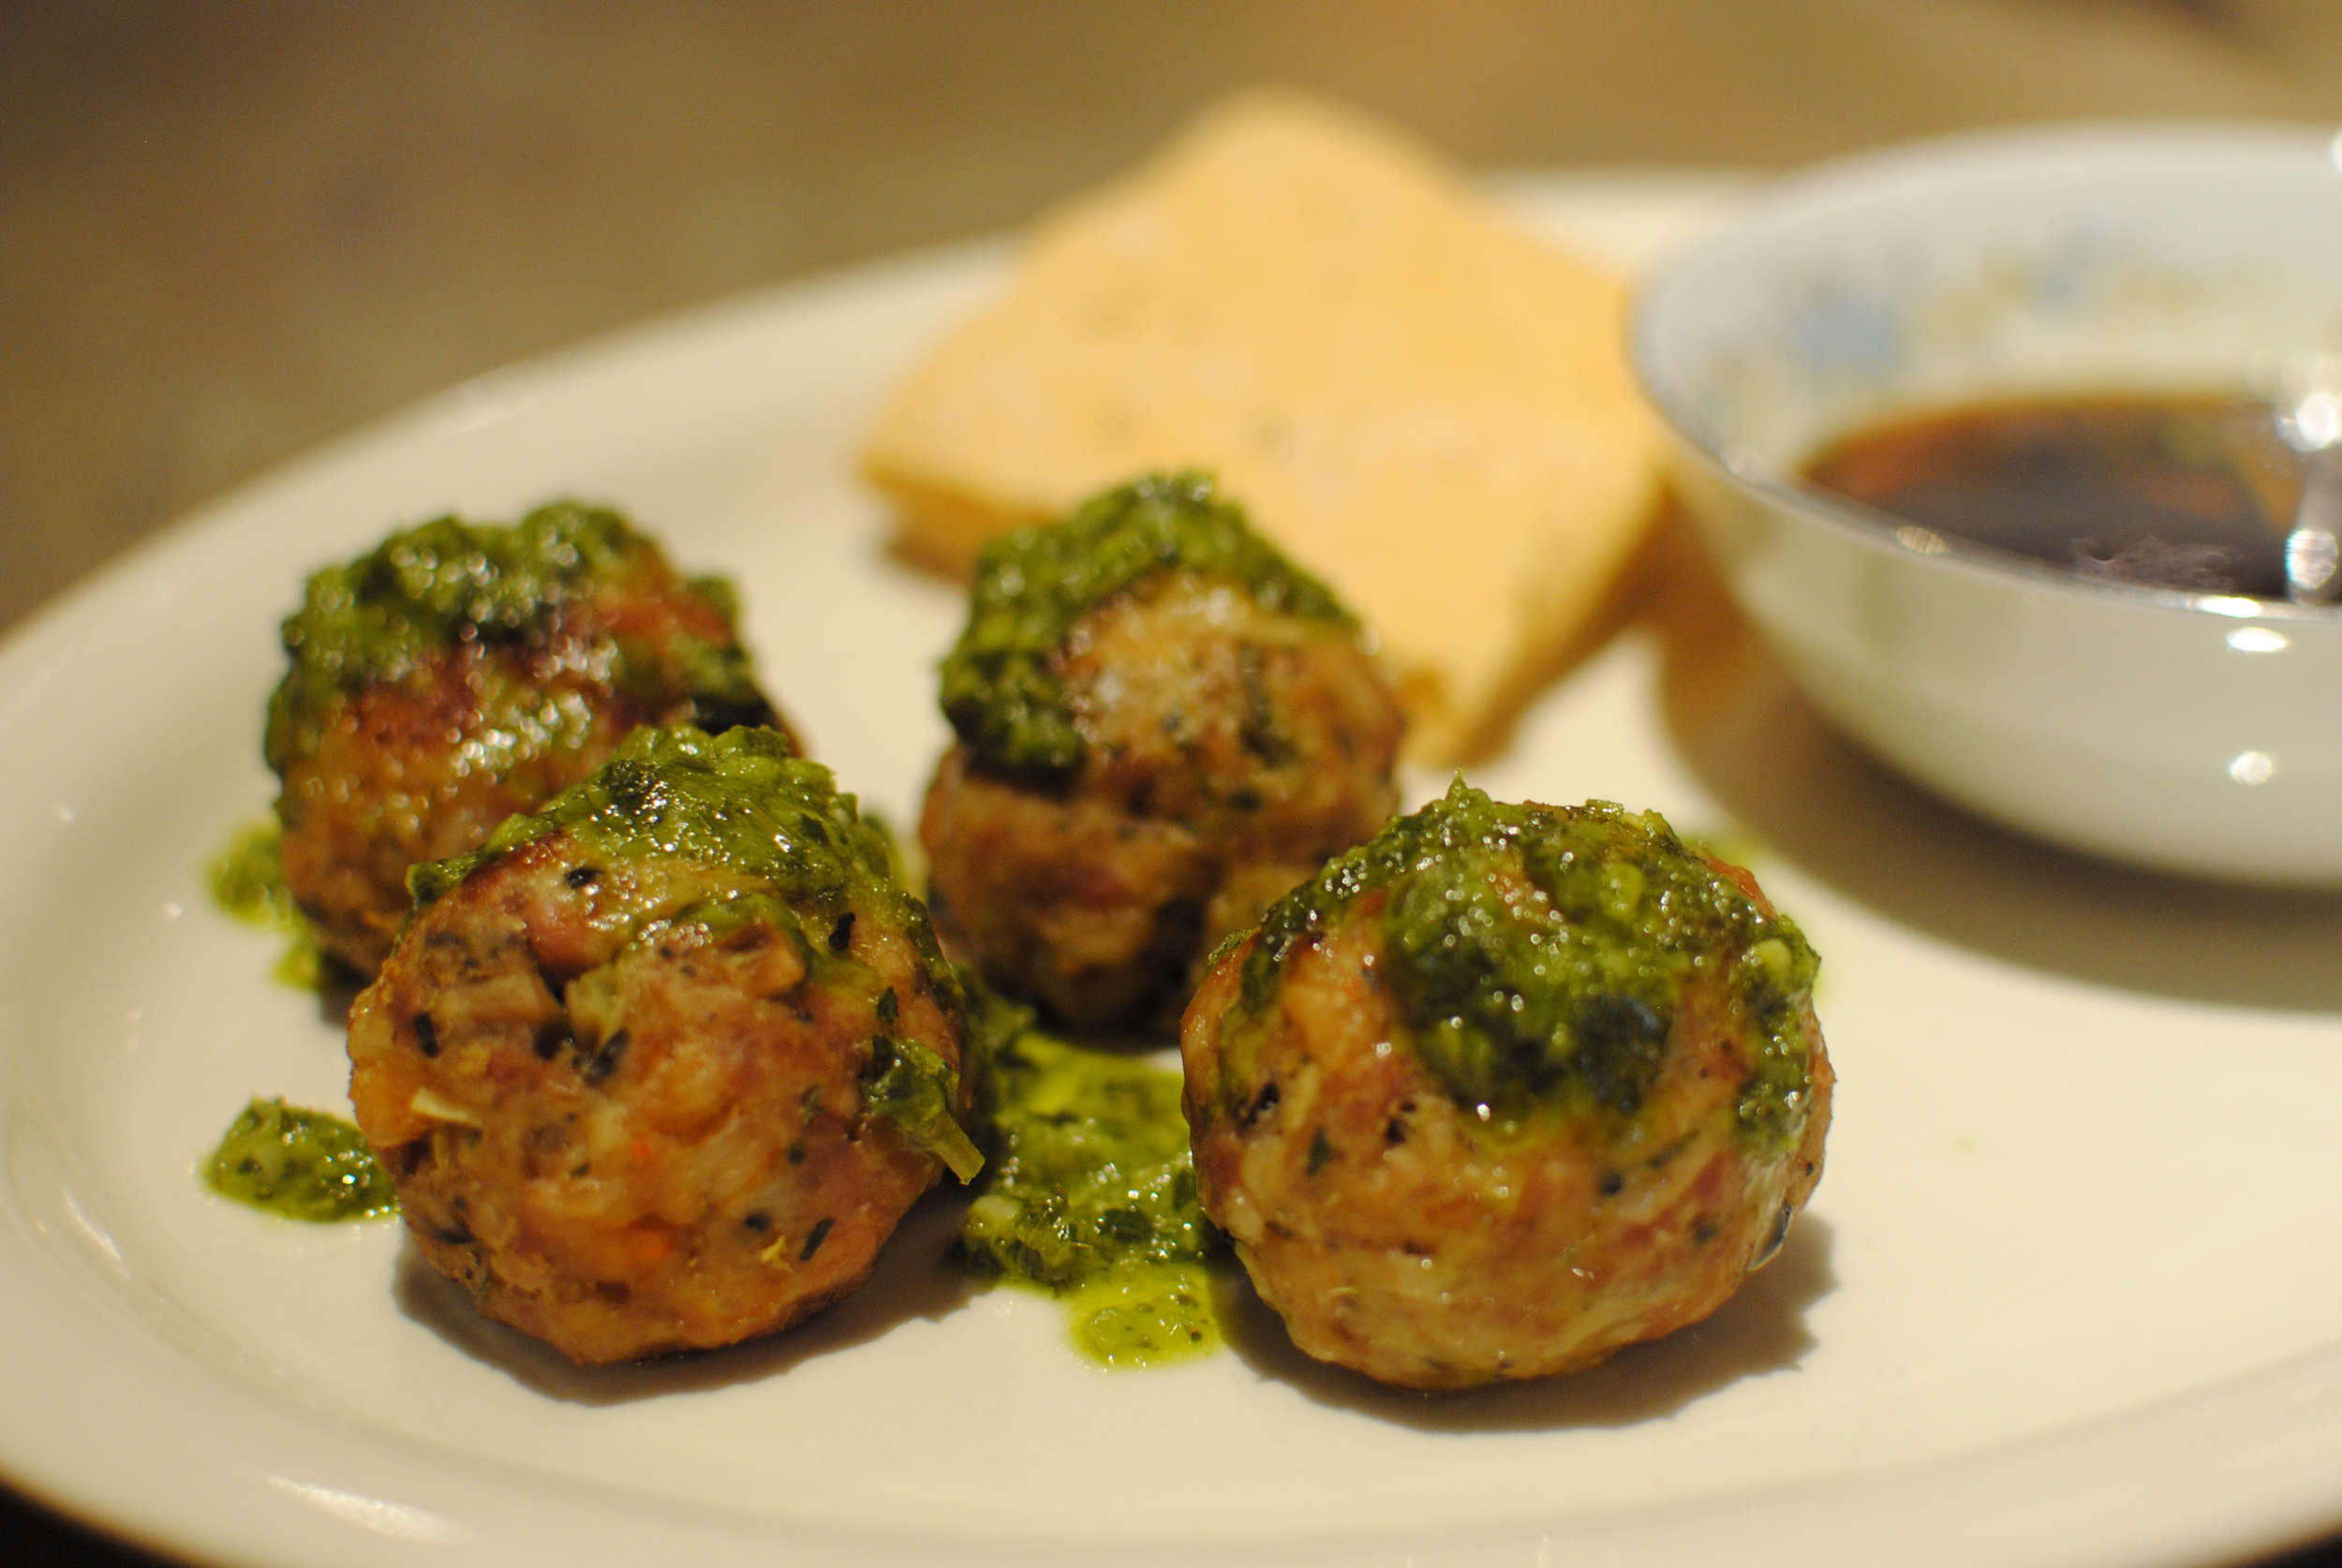 Me N Mo Meatballs and More, Meatballs Philadelphia, Meatball Restaurant, Aversa PR, New Restaurant Opening, Restaurant PR